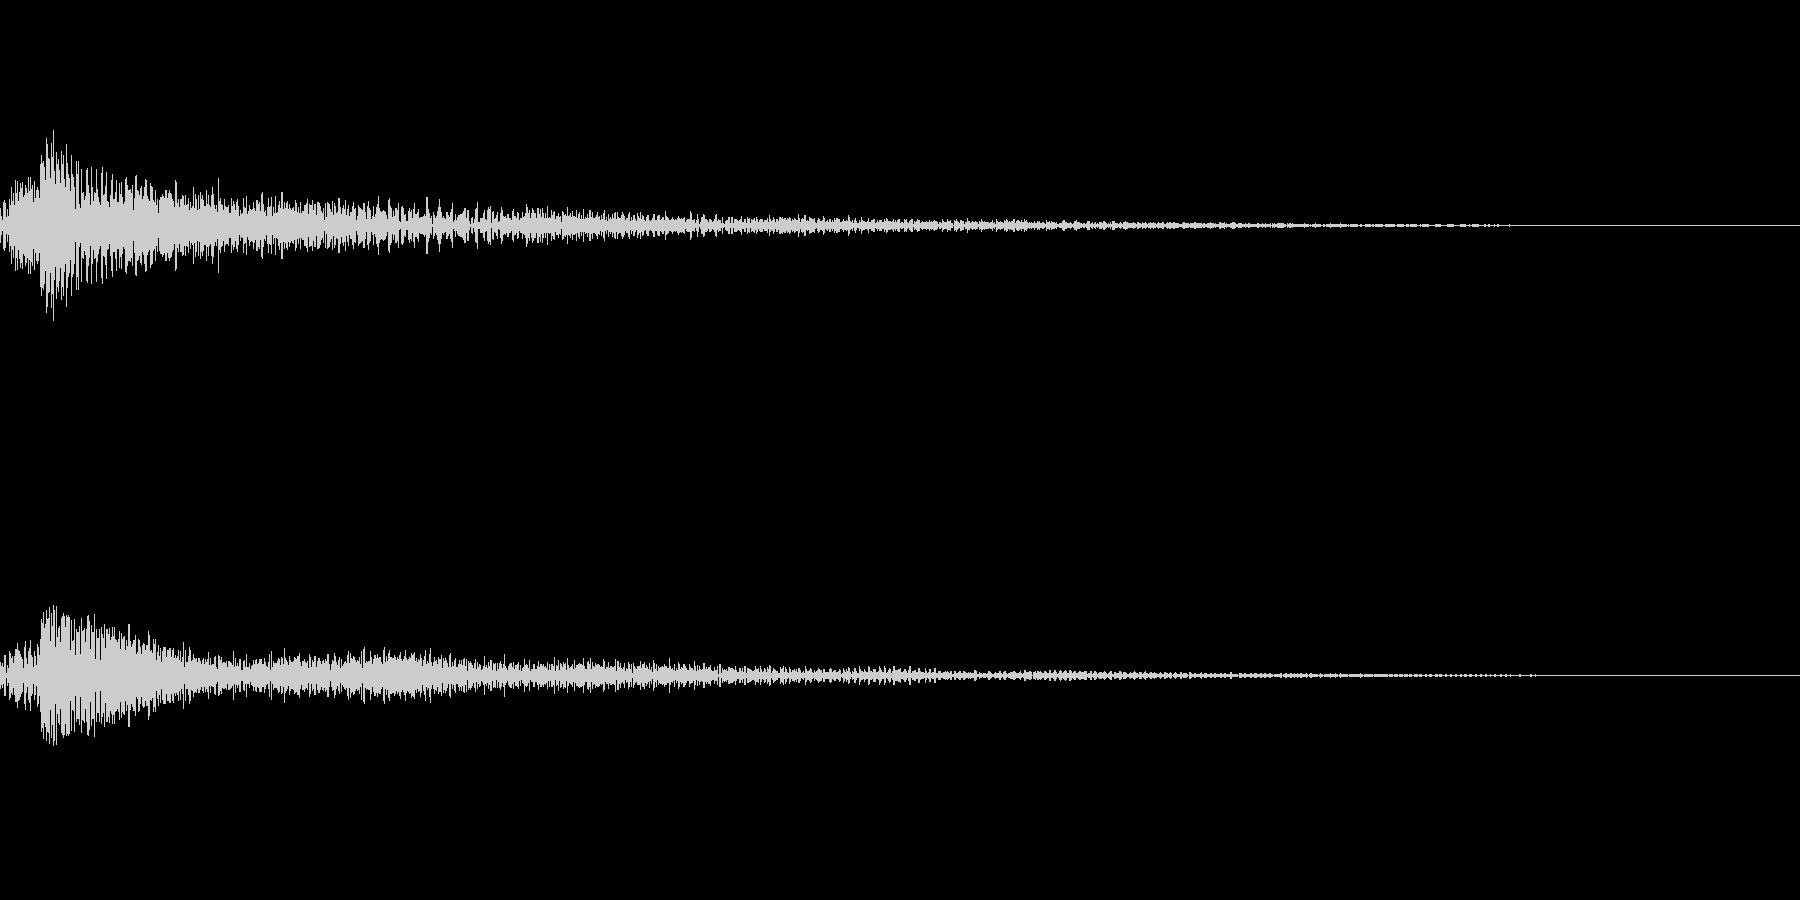 ファンタジー かわいい効果音 決定系13の未再生の波形